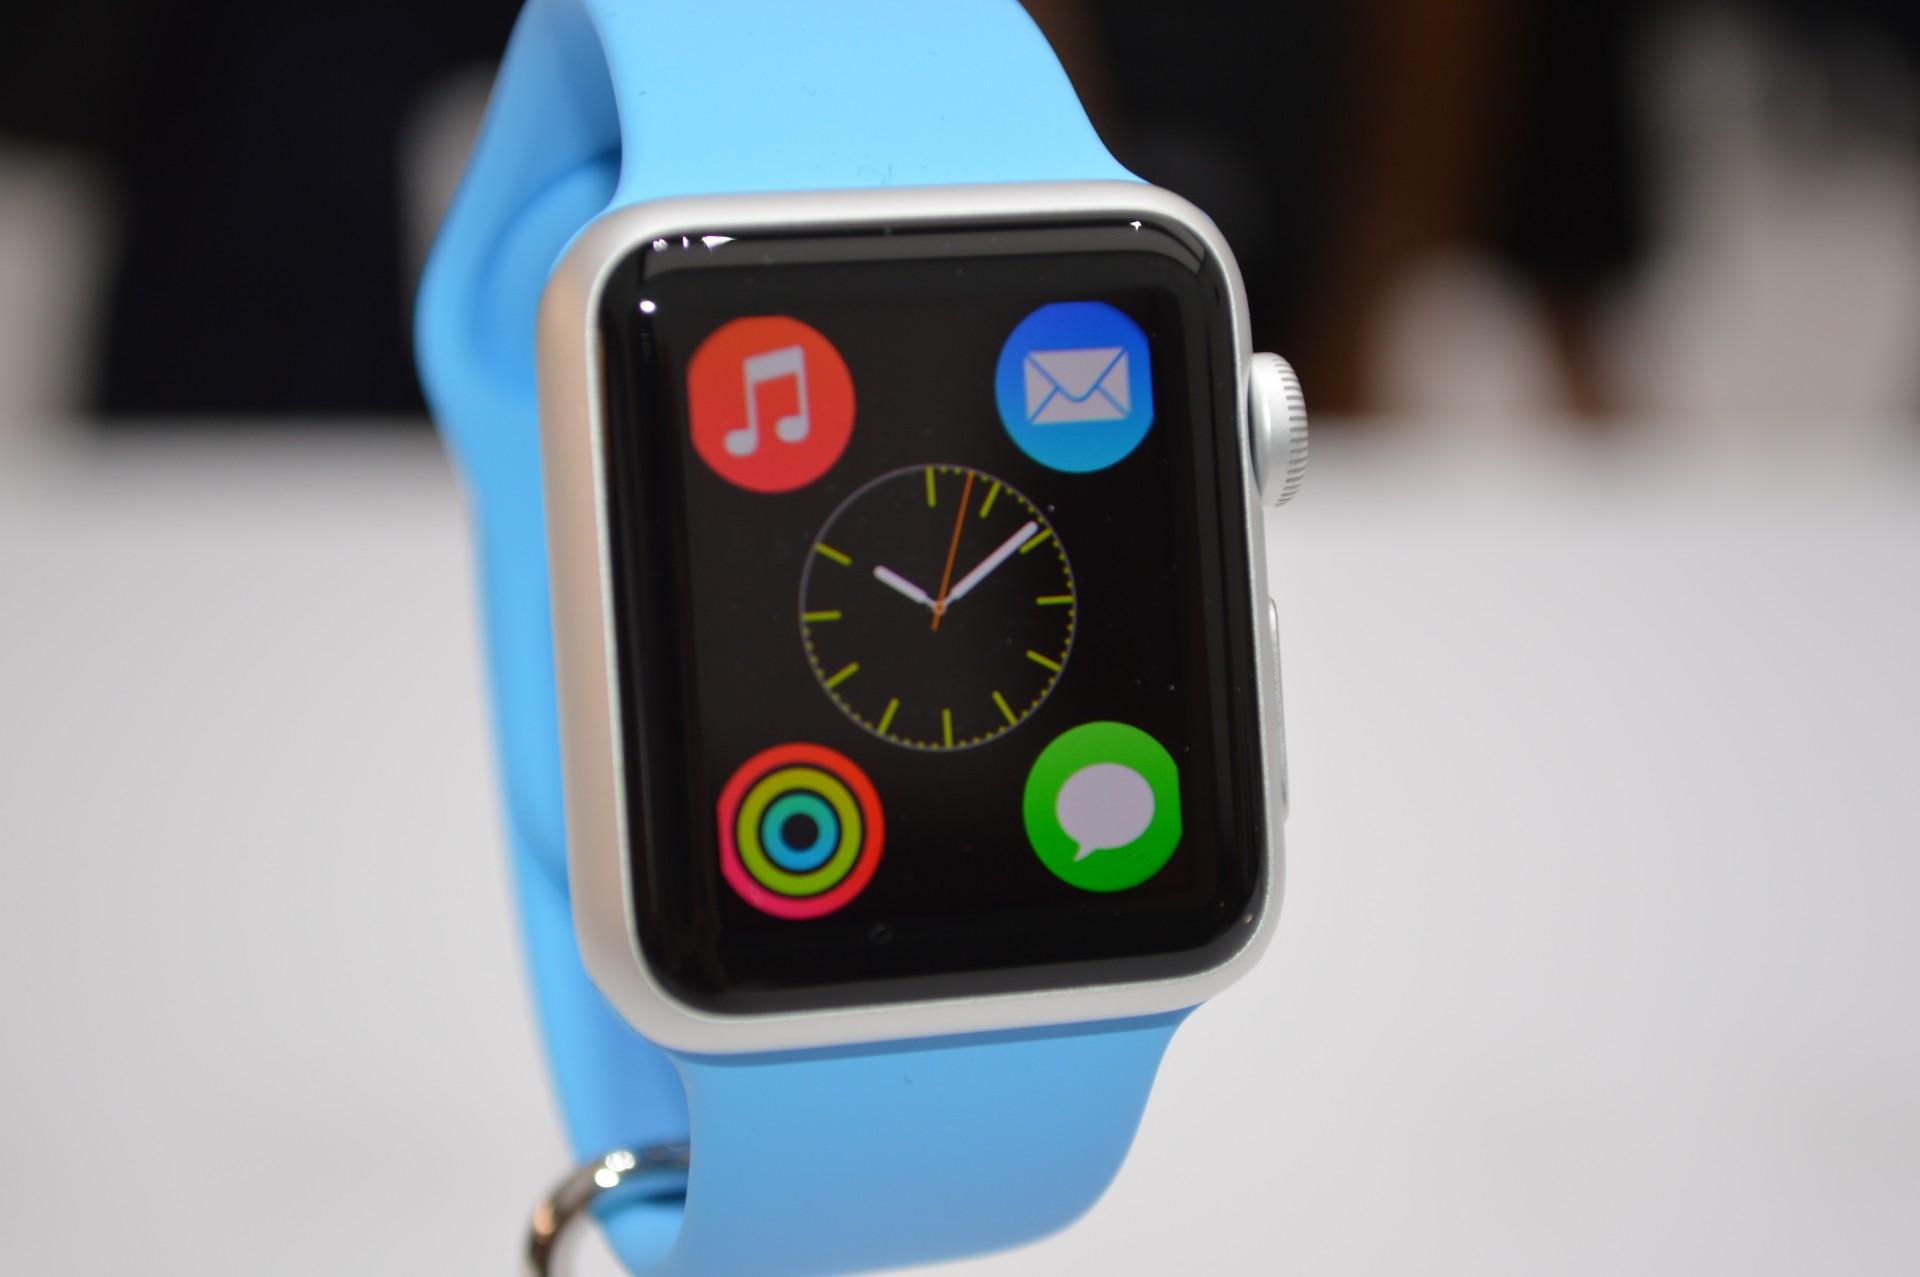 iWatch options e1410300251456 La directrice de Guess Watches souhaite la bienvenue à la montre d'Apple !